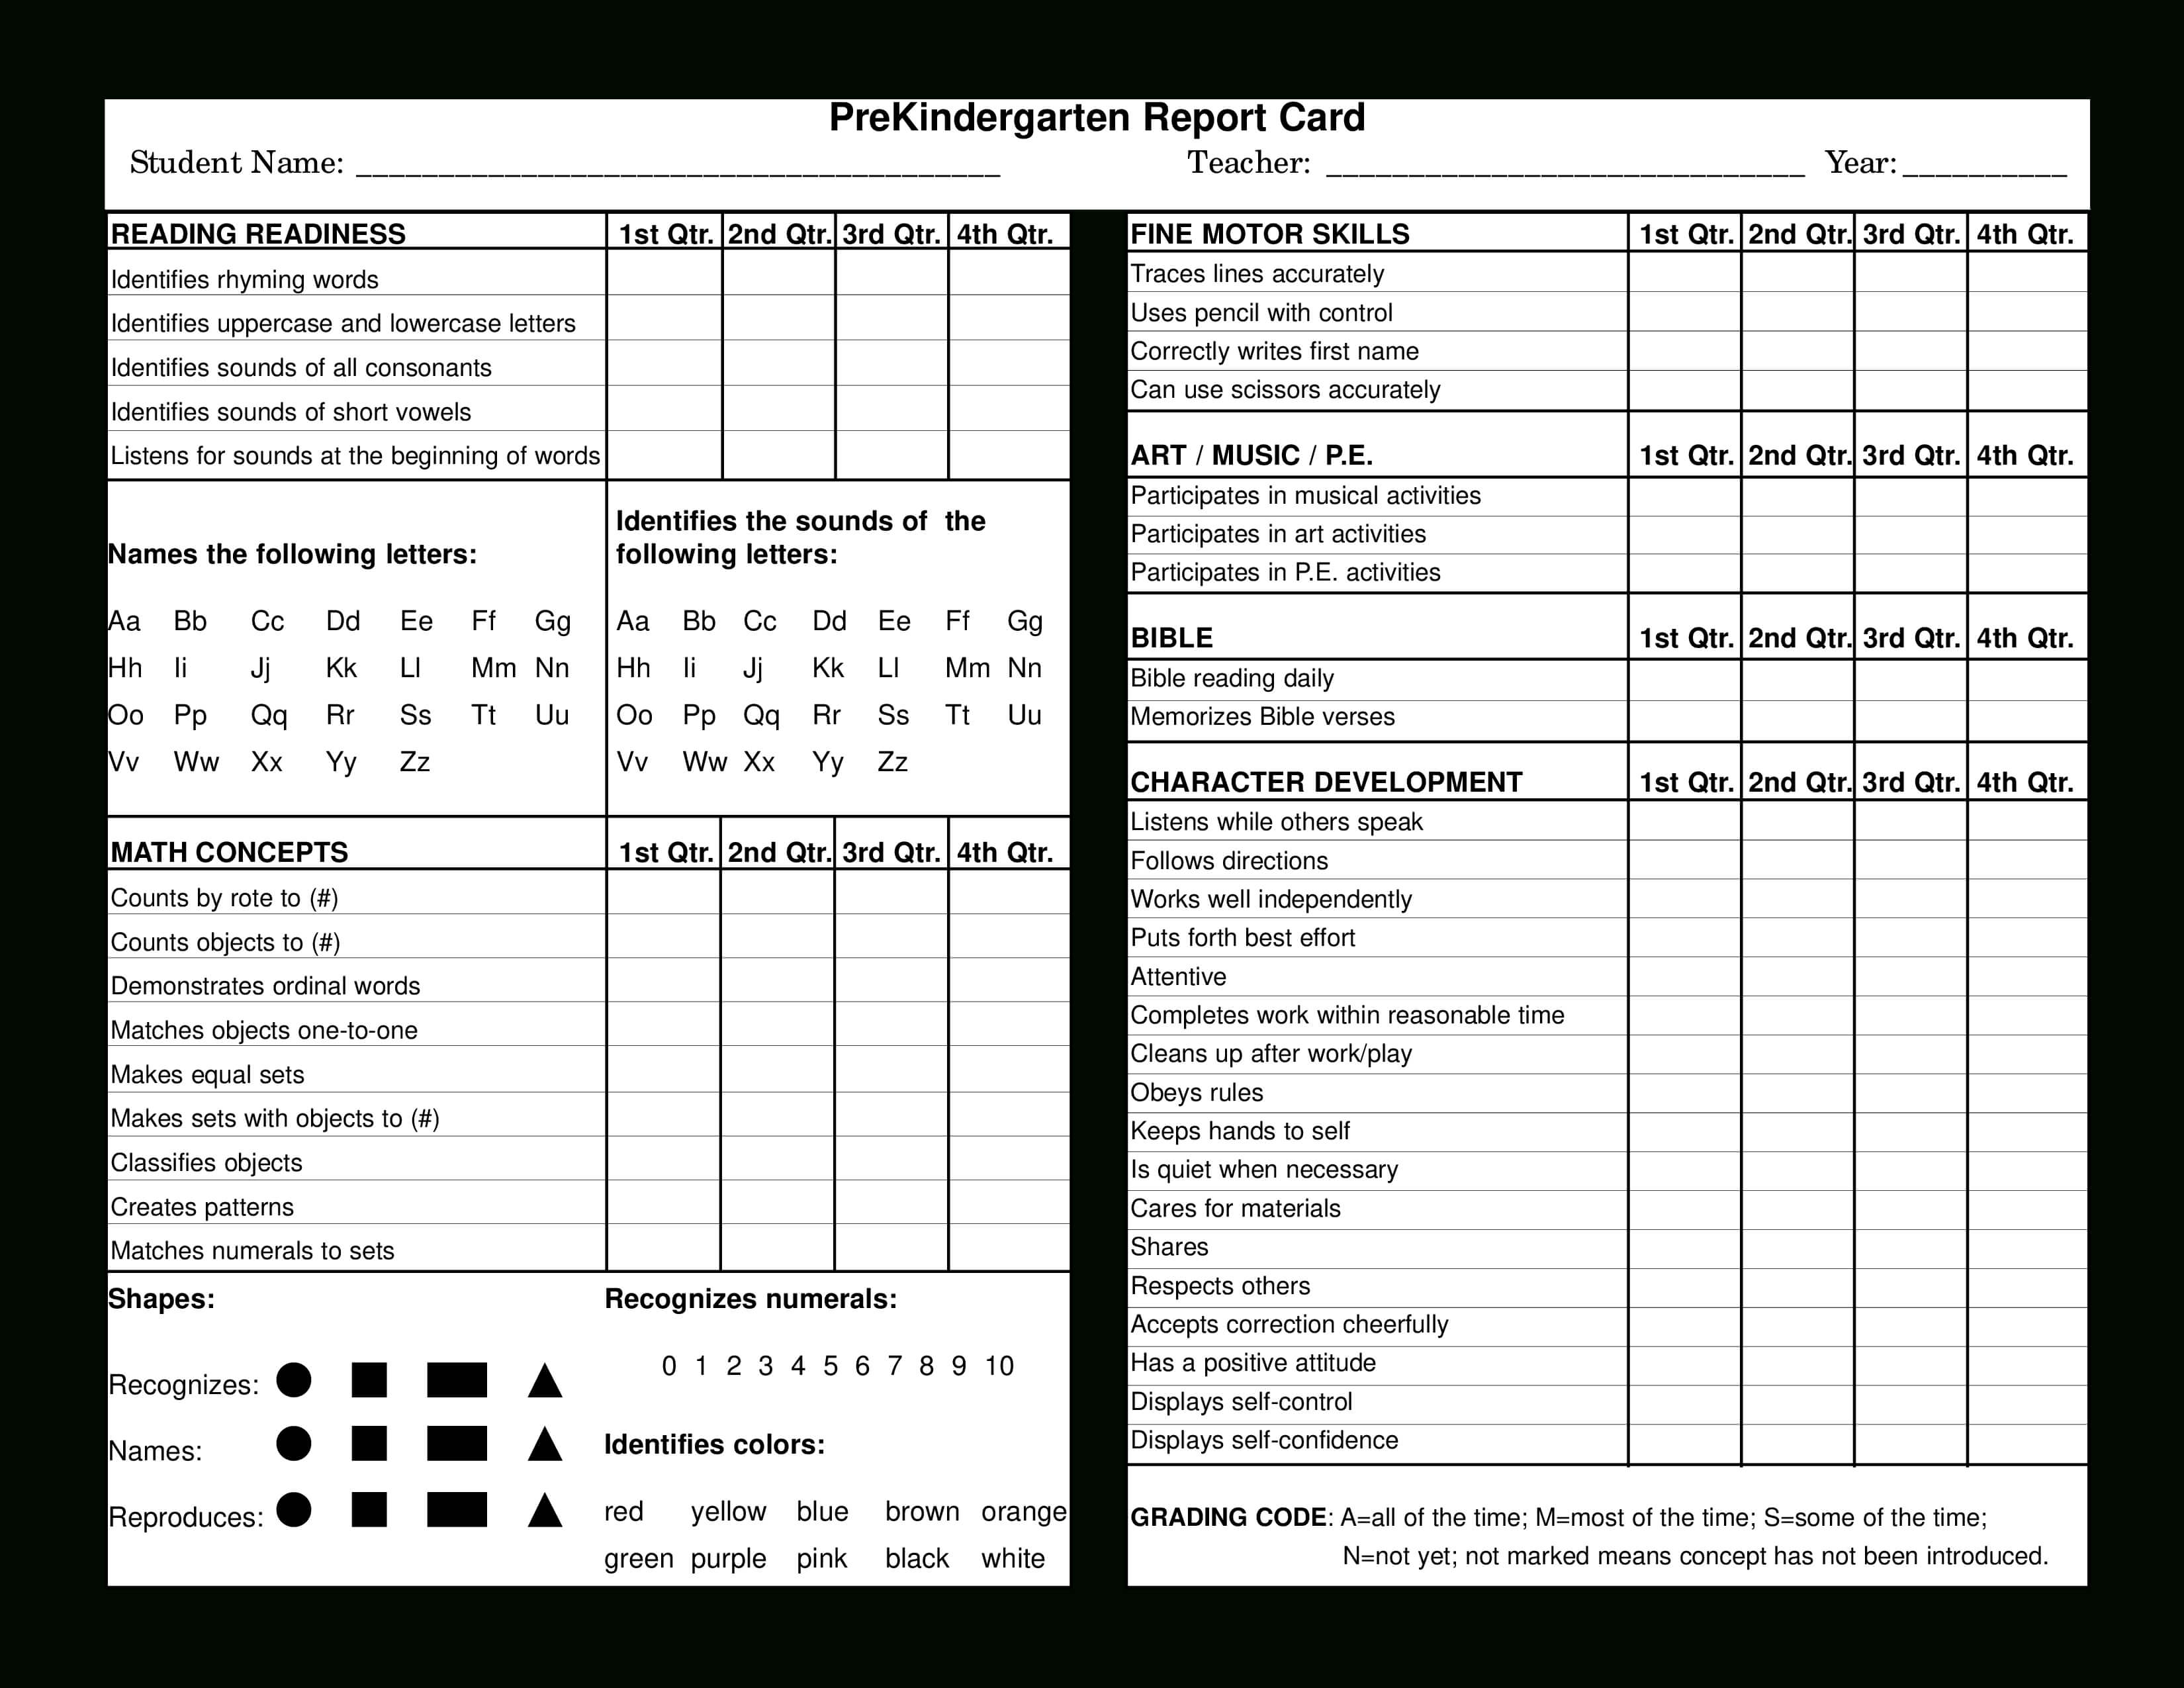 Preschool Report Card   Templates At Allbusinesstemplates With Regard To Character Report Card Template